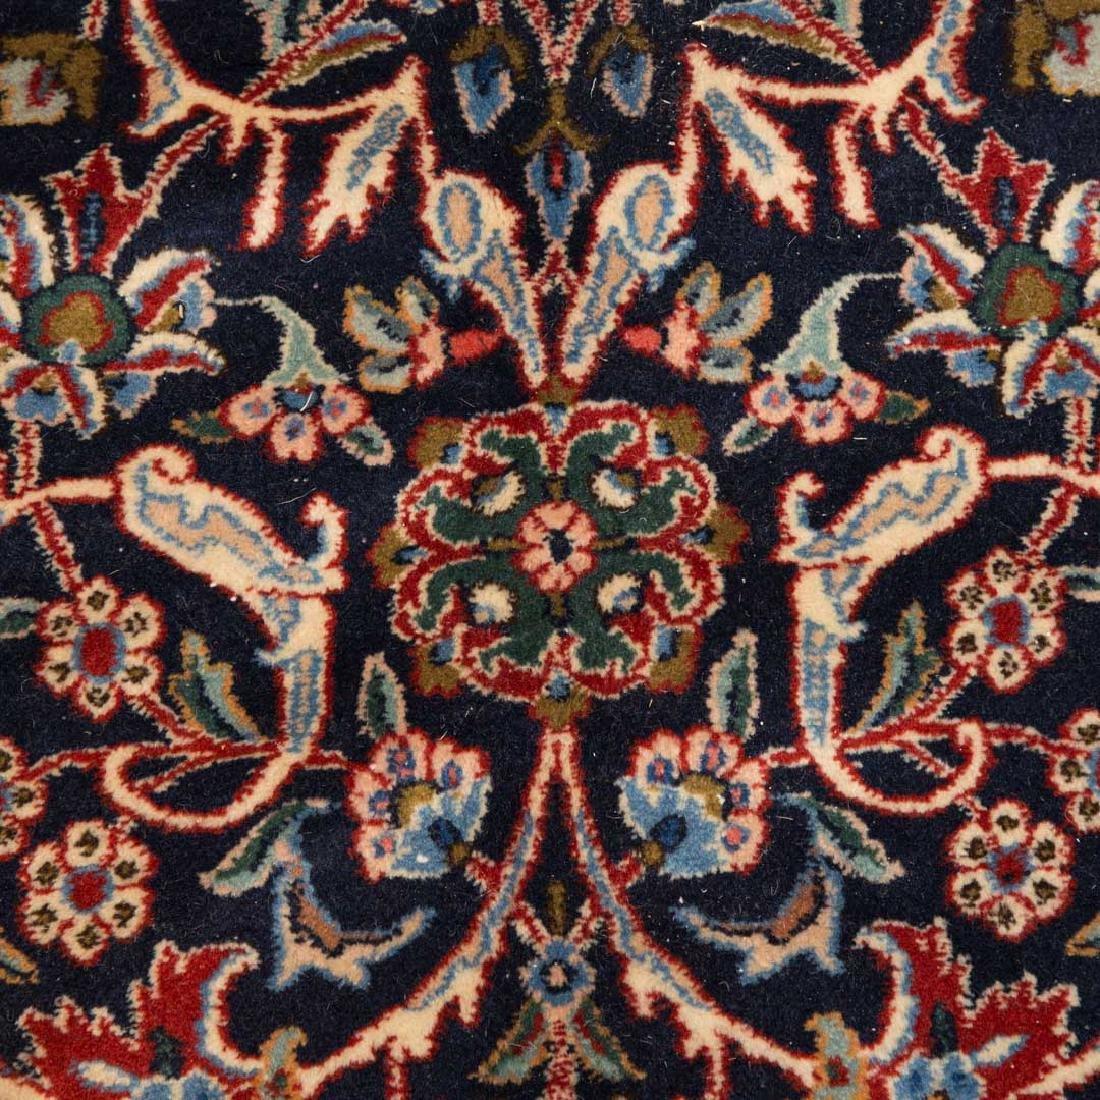 Persian Kerman carpet, approx. 11.6 x 16.4 - 4